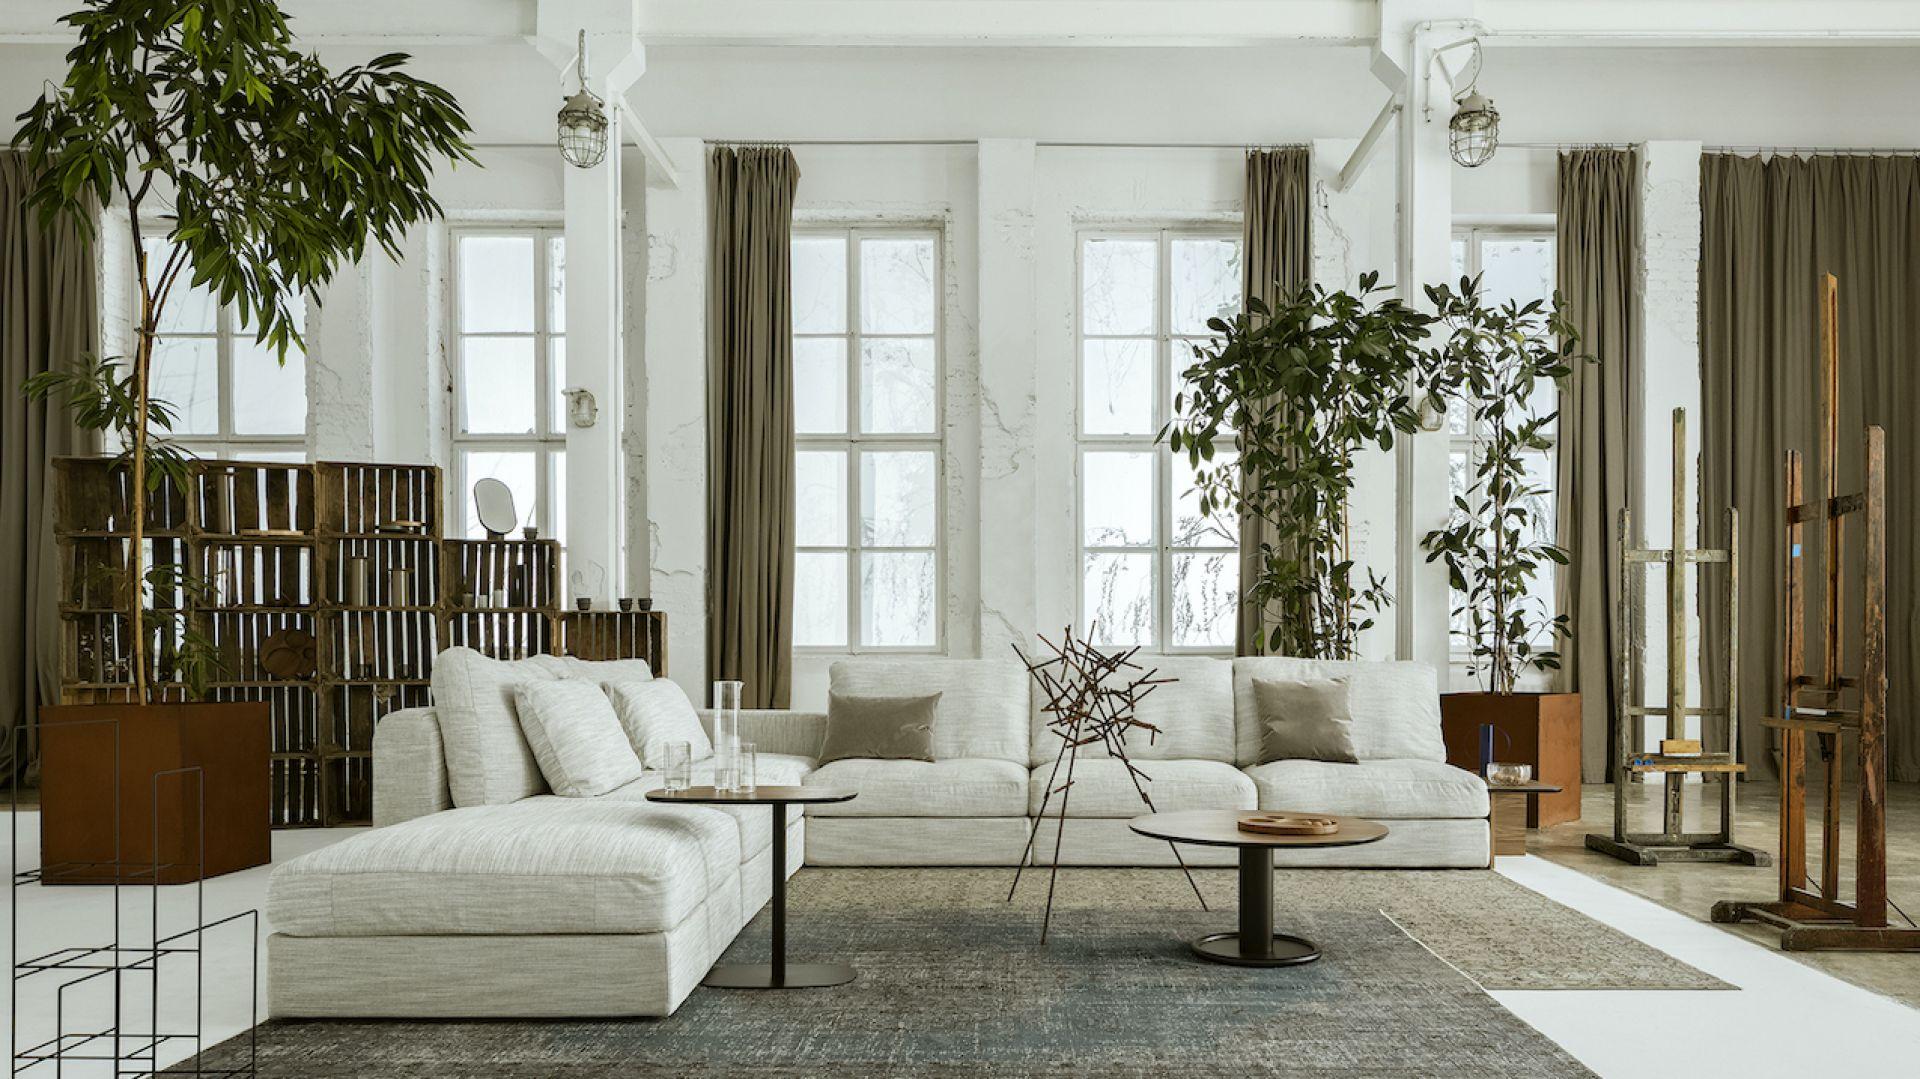 Raksa jest uniwersalną sofą, która sprawdzi się w niemal każdym wnętrzu. Zawdzięcza to prostej formie, modułowej konstrukcji, szerokiemu wyborowi tkanin oraz ponad wszystko szczegółowo dopracowanym proporcjom. Cena: od ok. 18 tysięcy złotych. Fot. Nobonobo